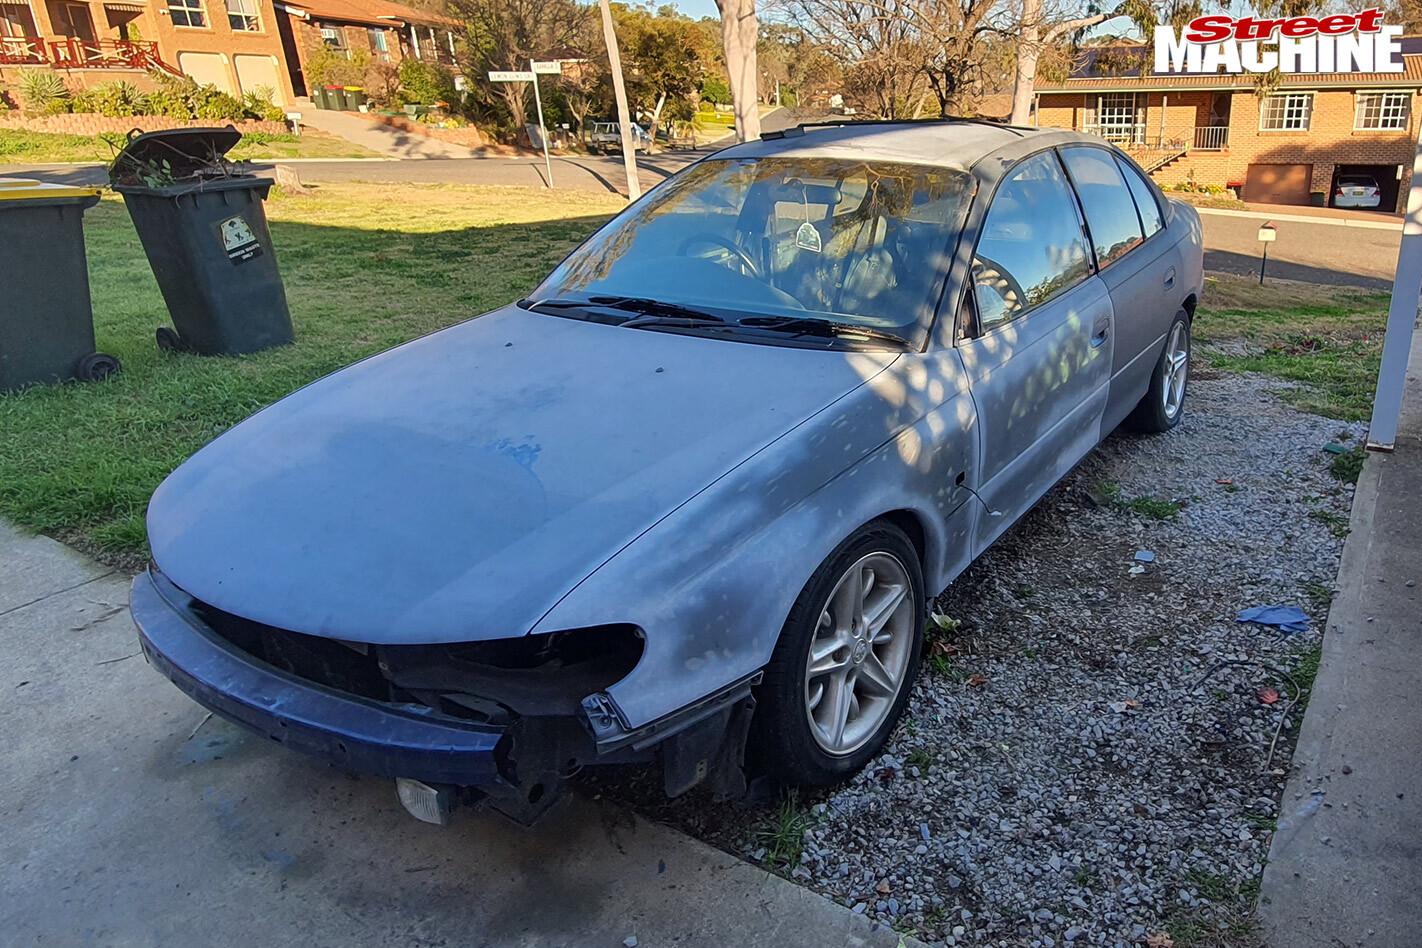 Holden VT Commodore build